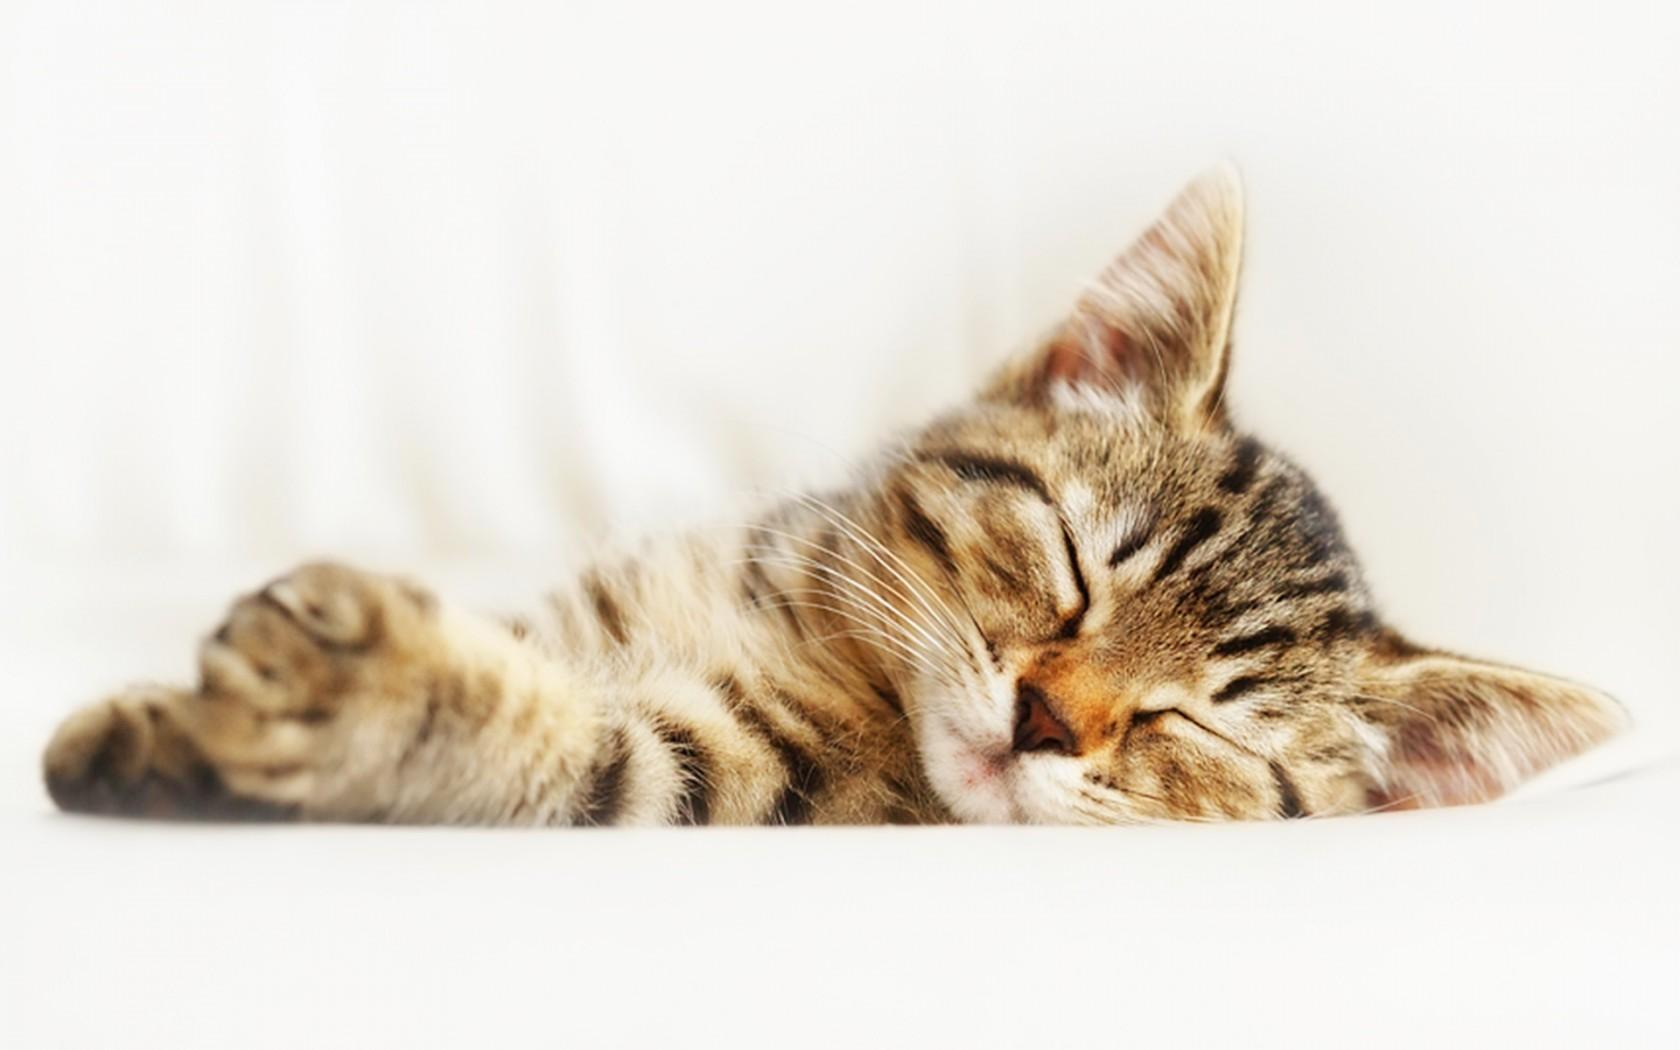 壁纸 动物 猫 猫咪 小猫 桌面 1680_1050